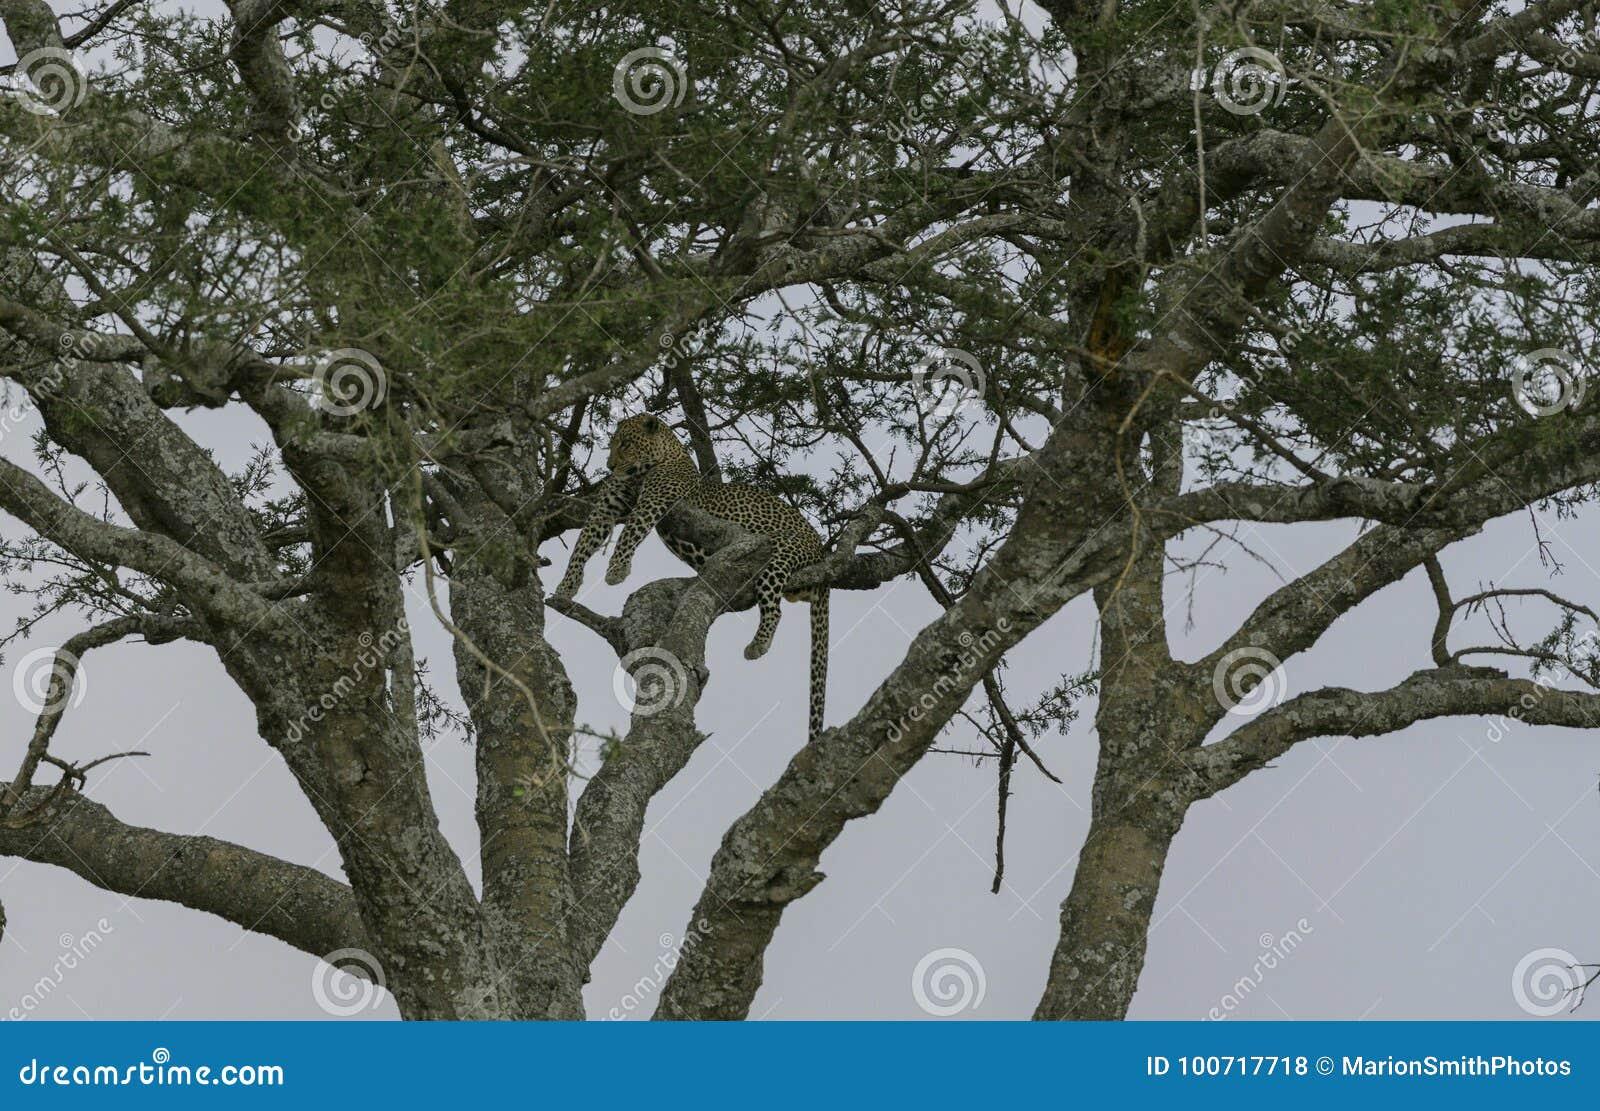 Leopard hoch oben im Baum, liegend über Niederlassungen und nach links schauen